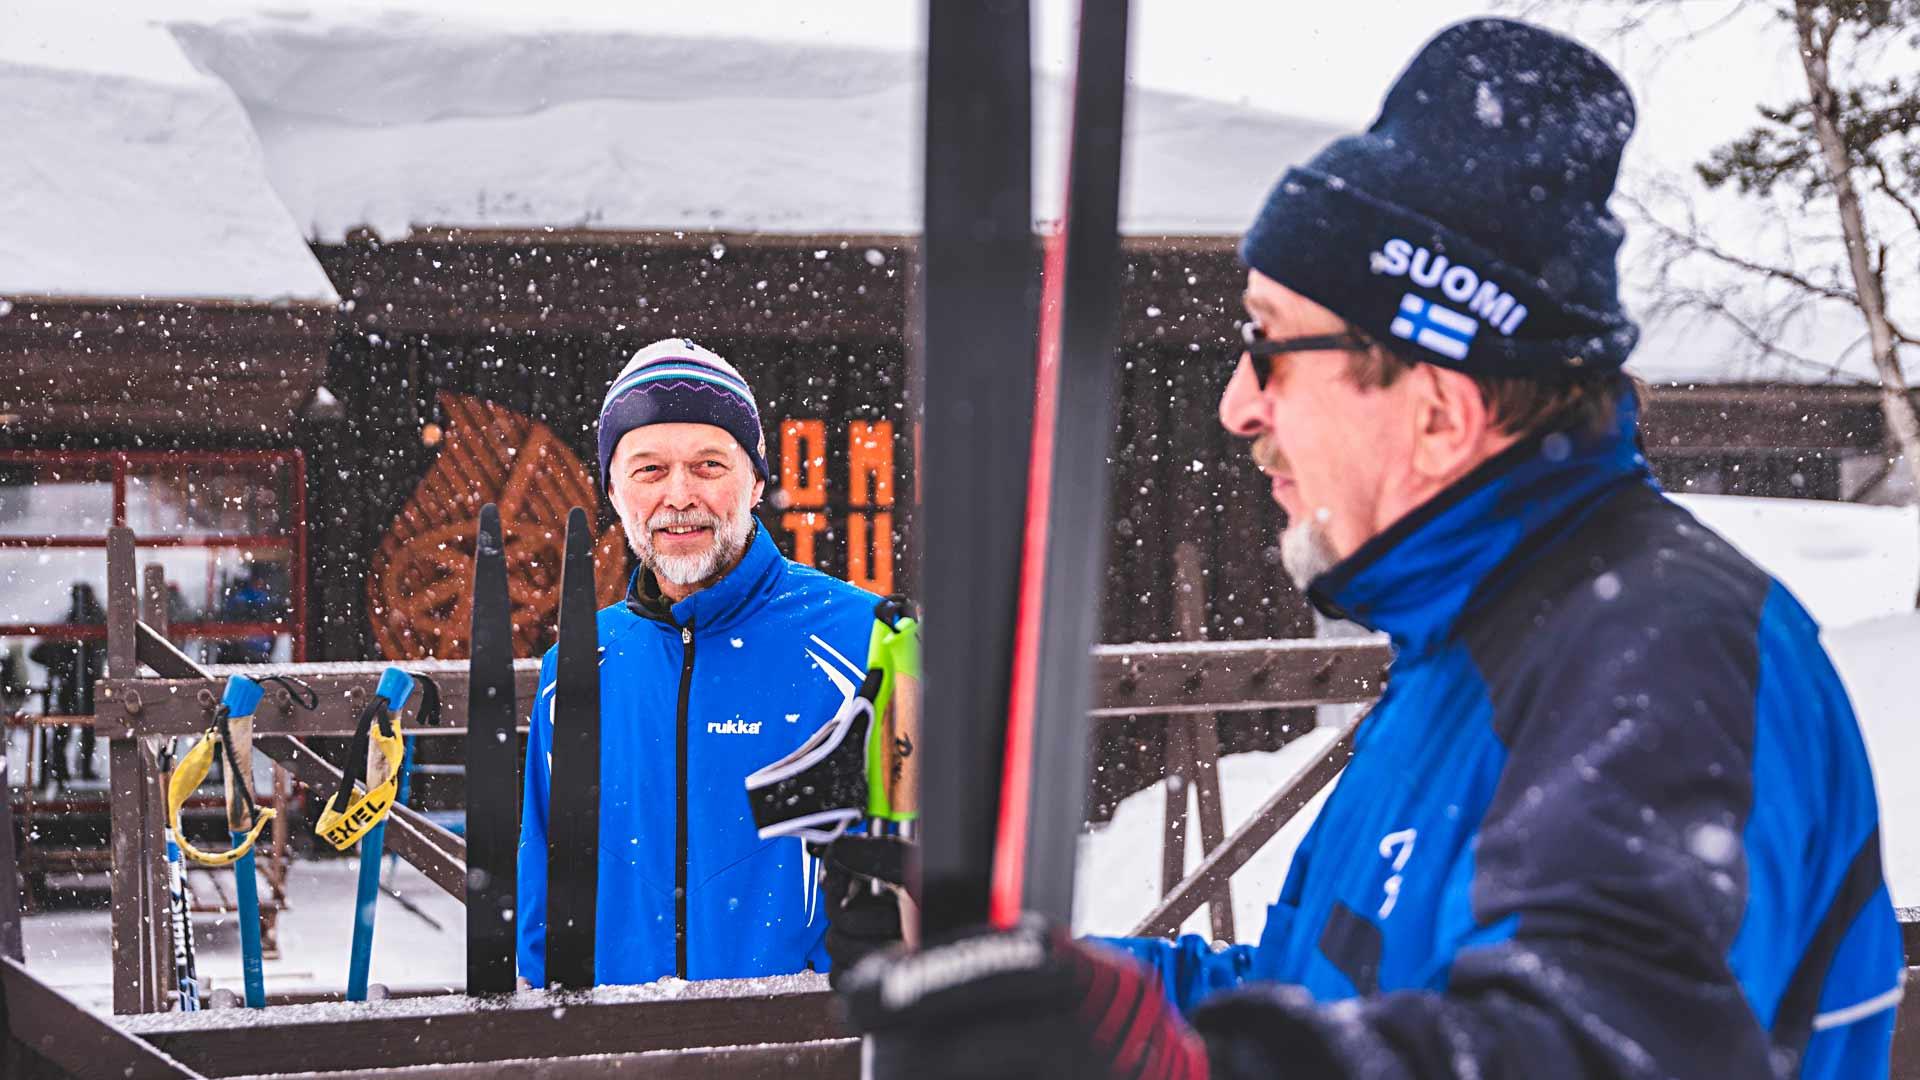 Seitsemänkymppiset Esko Kumpusalo (oik.) ja Juhani Airo halusivat lähteä pois Kuopiosta, koska sieltä loppuivat hiihtokelit.